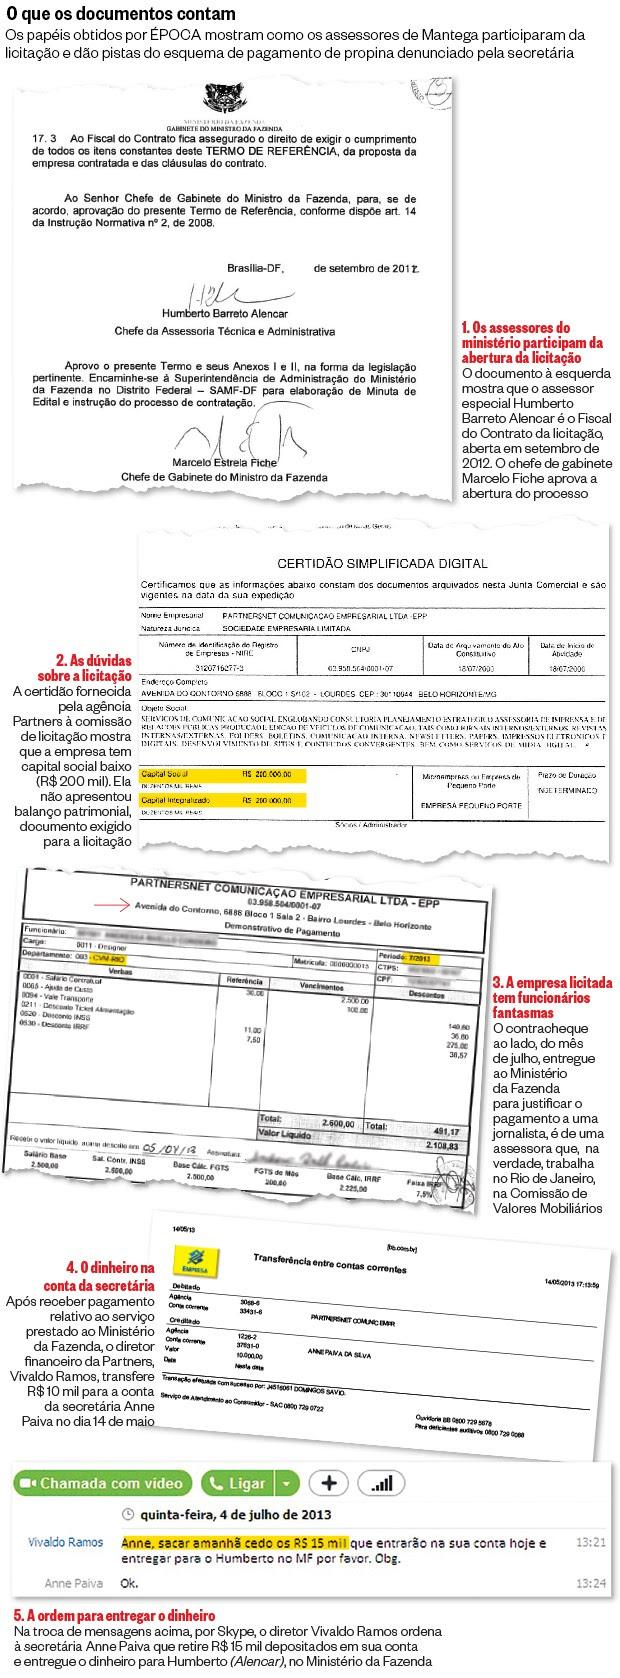 O que os documentos contam (Foto: -)